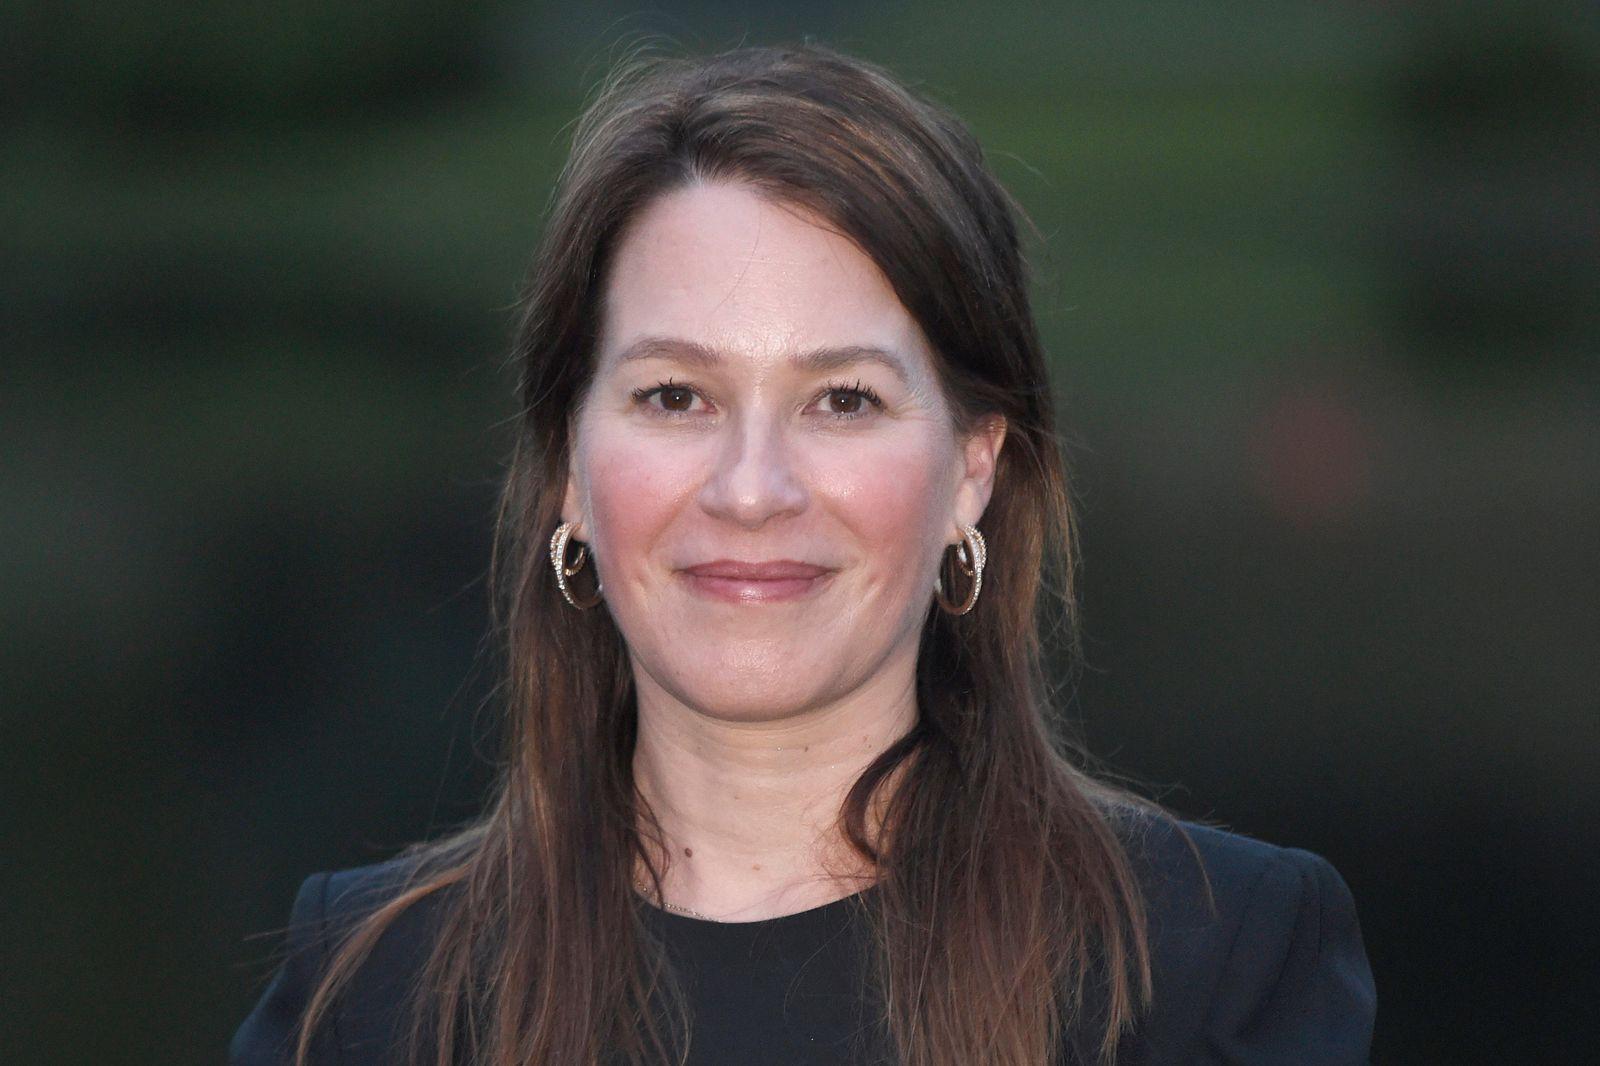 Internationales Filmfest München - Margot Hielscher Preis